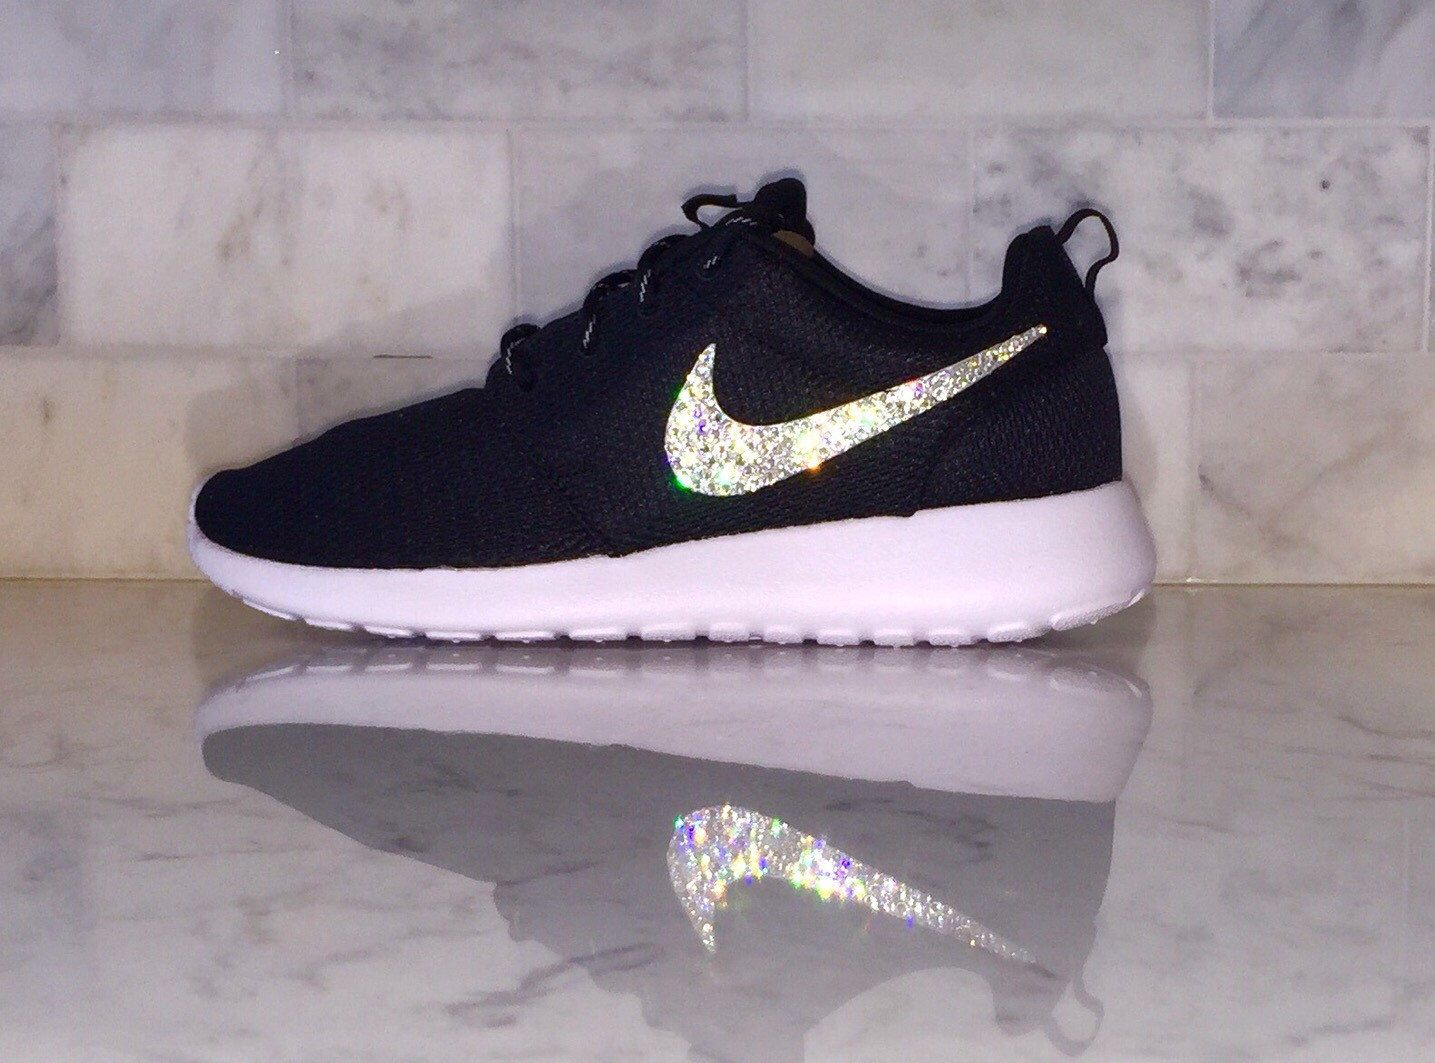 6789d8e2892bbf Crystal Bling Swarovski Black Nike Roshe. Crystal Bling Swarovski Black  Nike Roshe Nike Shoes For Women ...